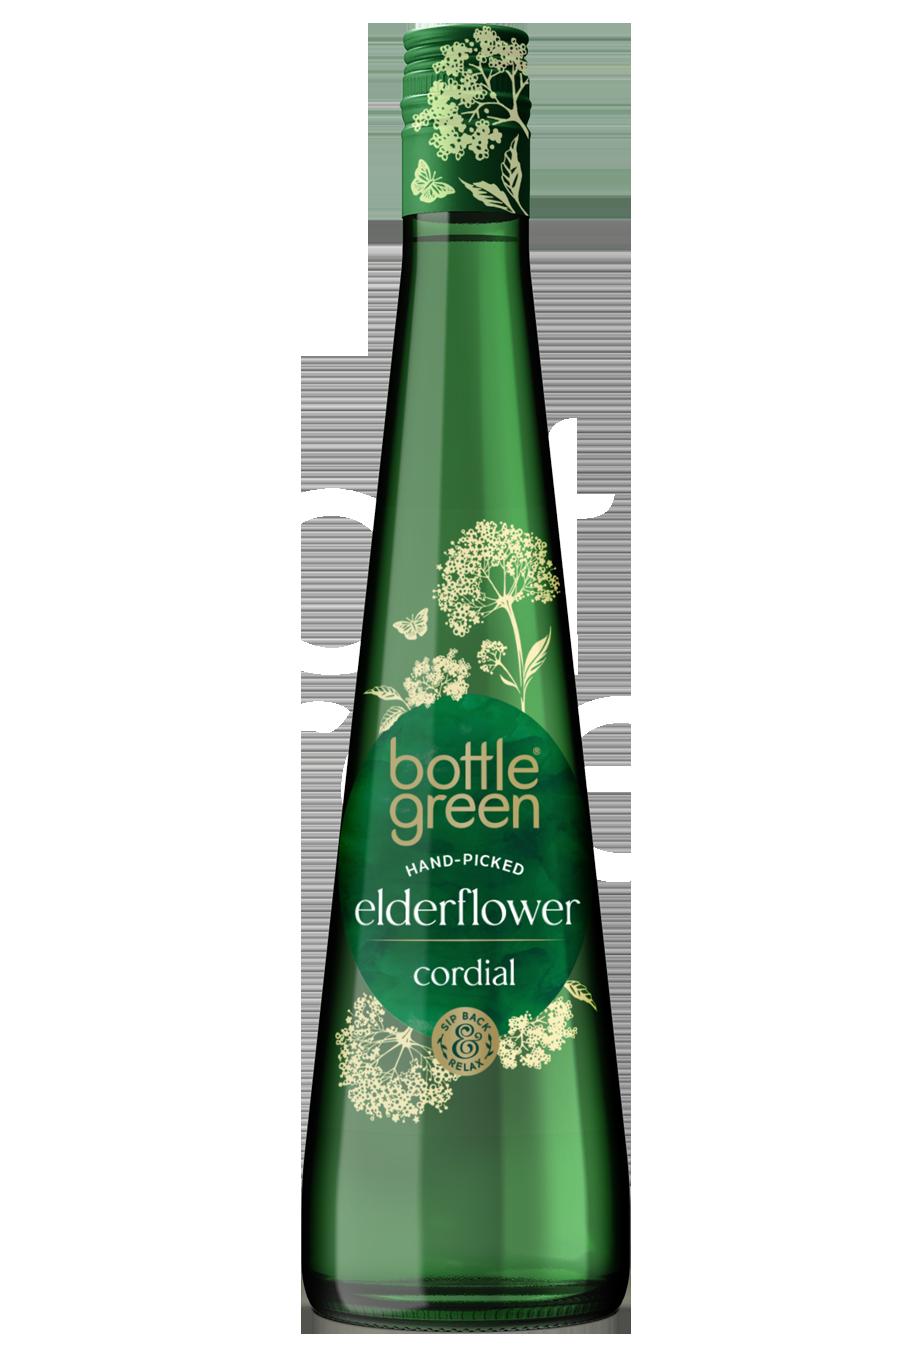 Bottlegreen brand page icon